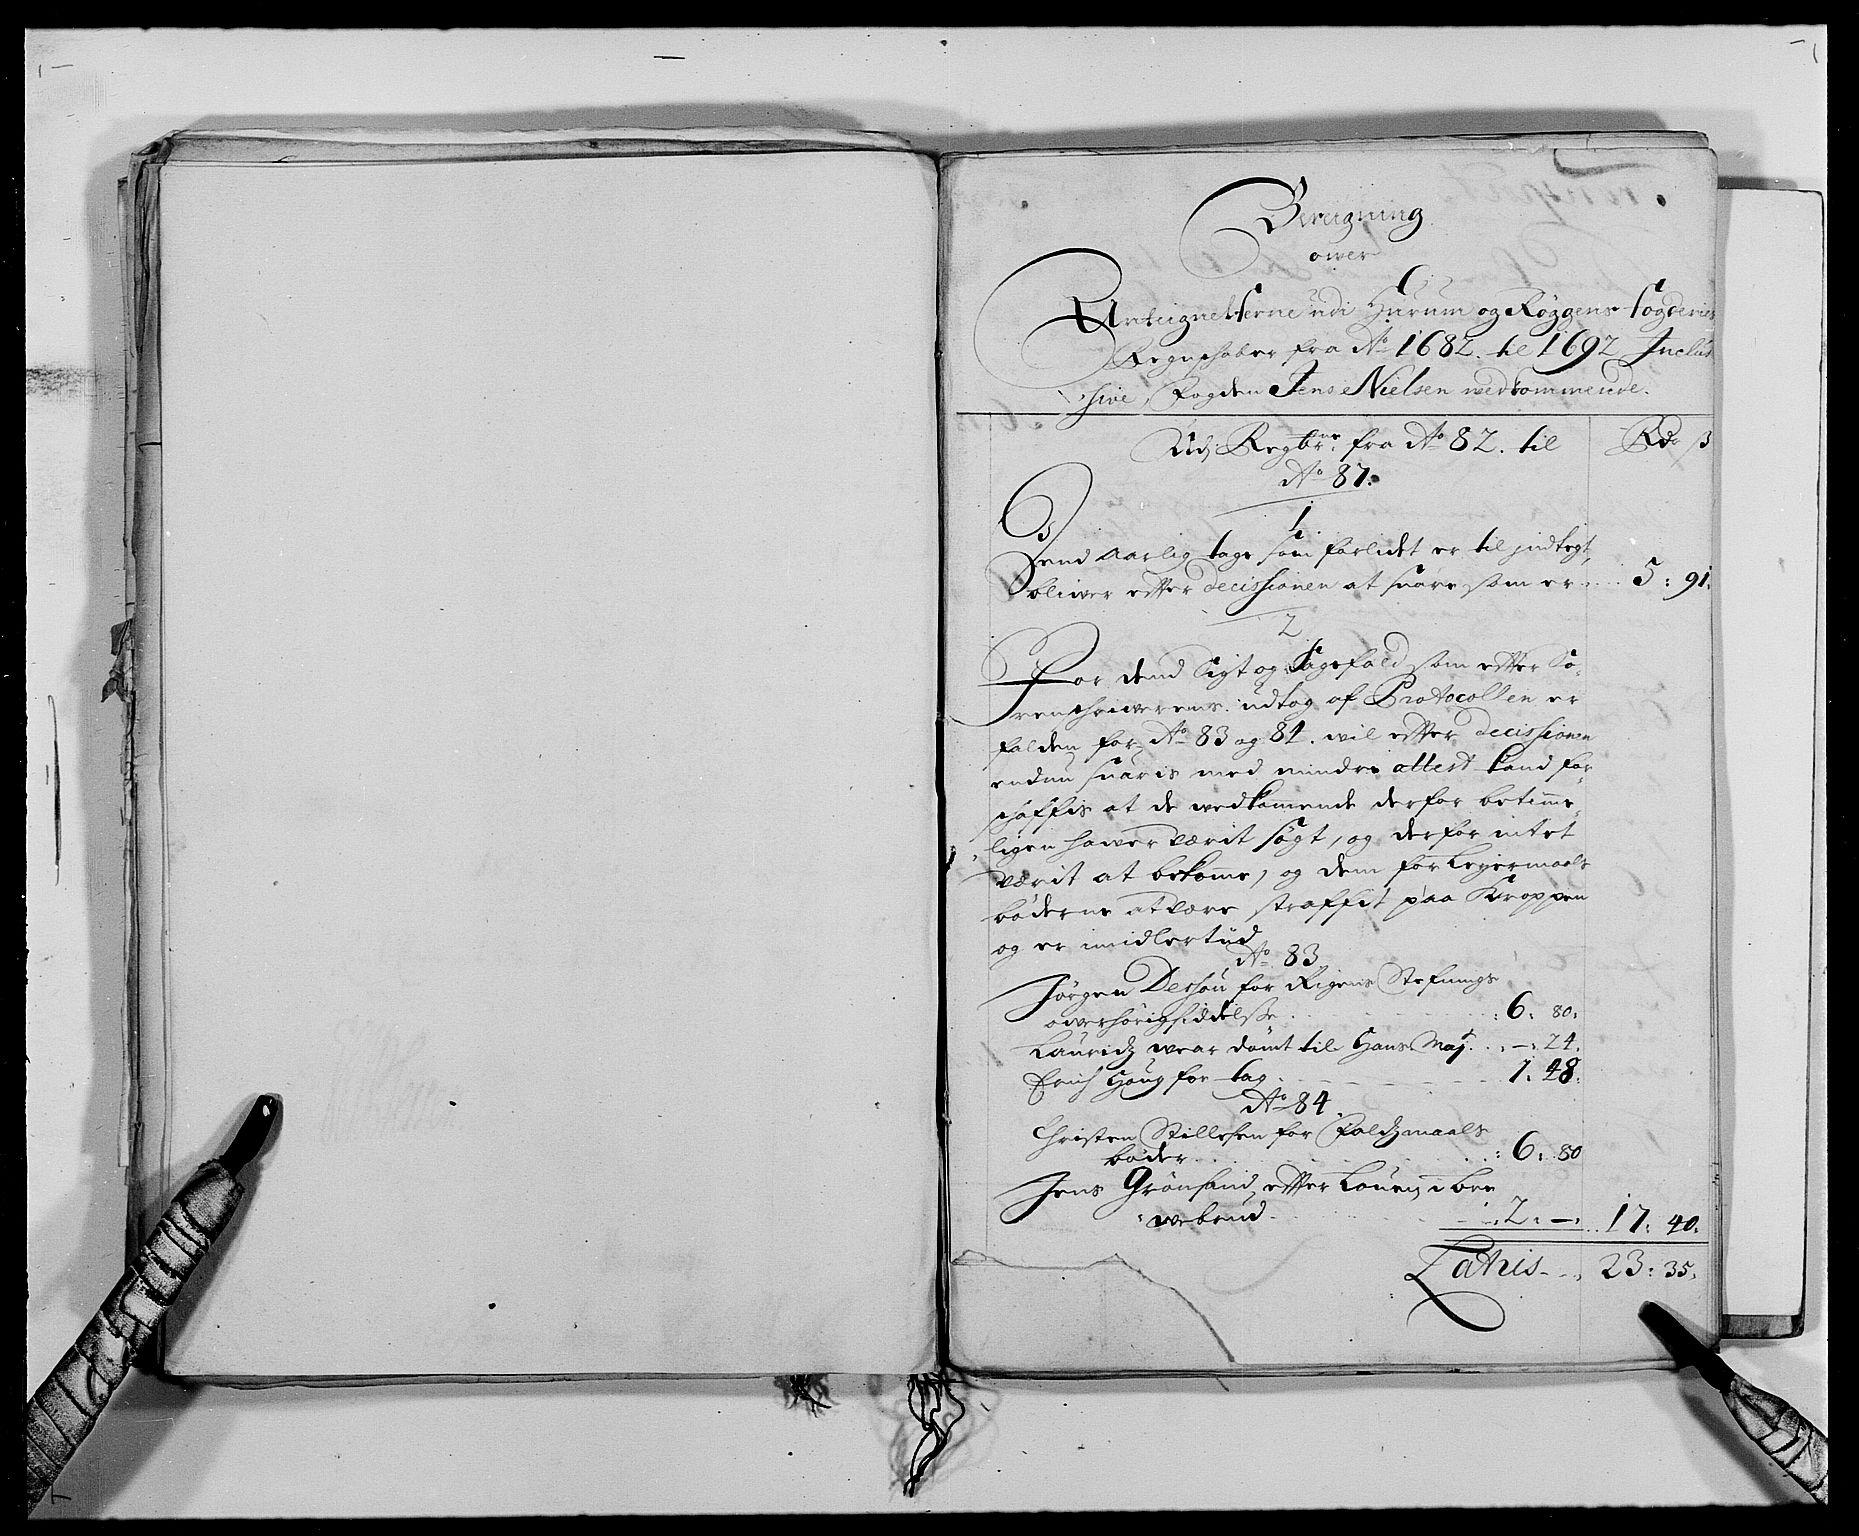 RA, Rentekammeret inntil 1814, Reviderte regnskaper, Fogderegnskap, R29/L1693: Fogderegnskap Hurum og Røyken, 1688-1693, s. 368